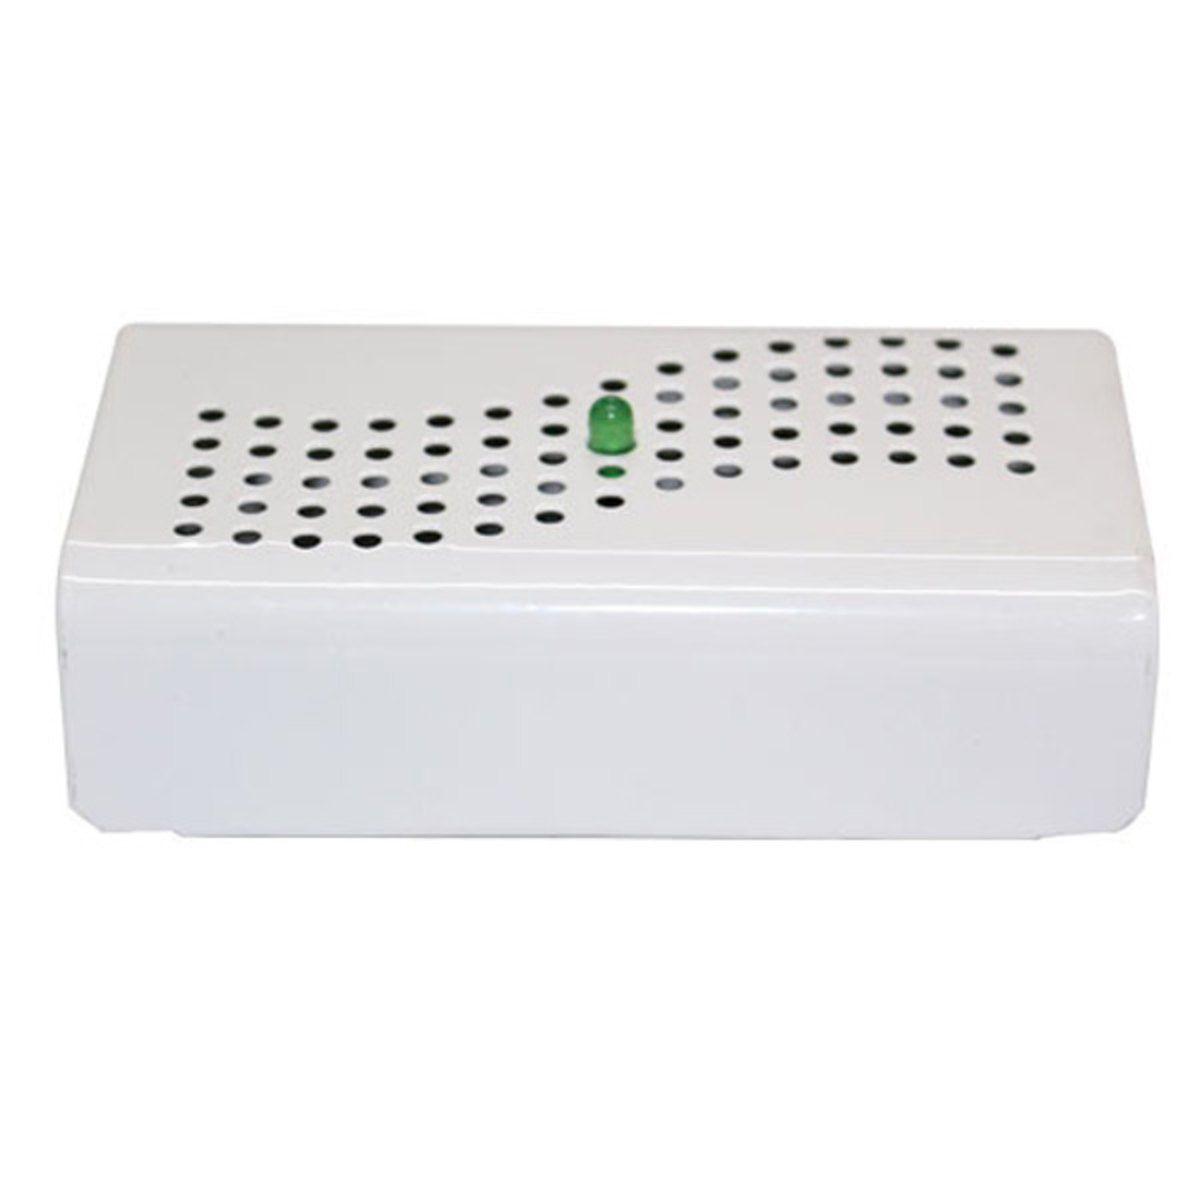 Desumidificador  Anti Mofo Eletrônico Anti Ácaro e Fungos - 10 unidades 110